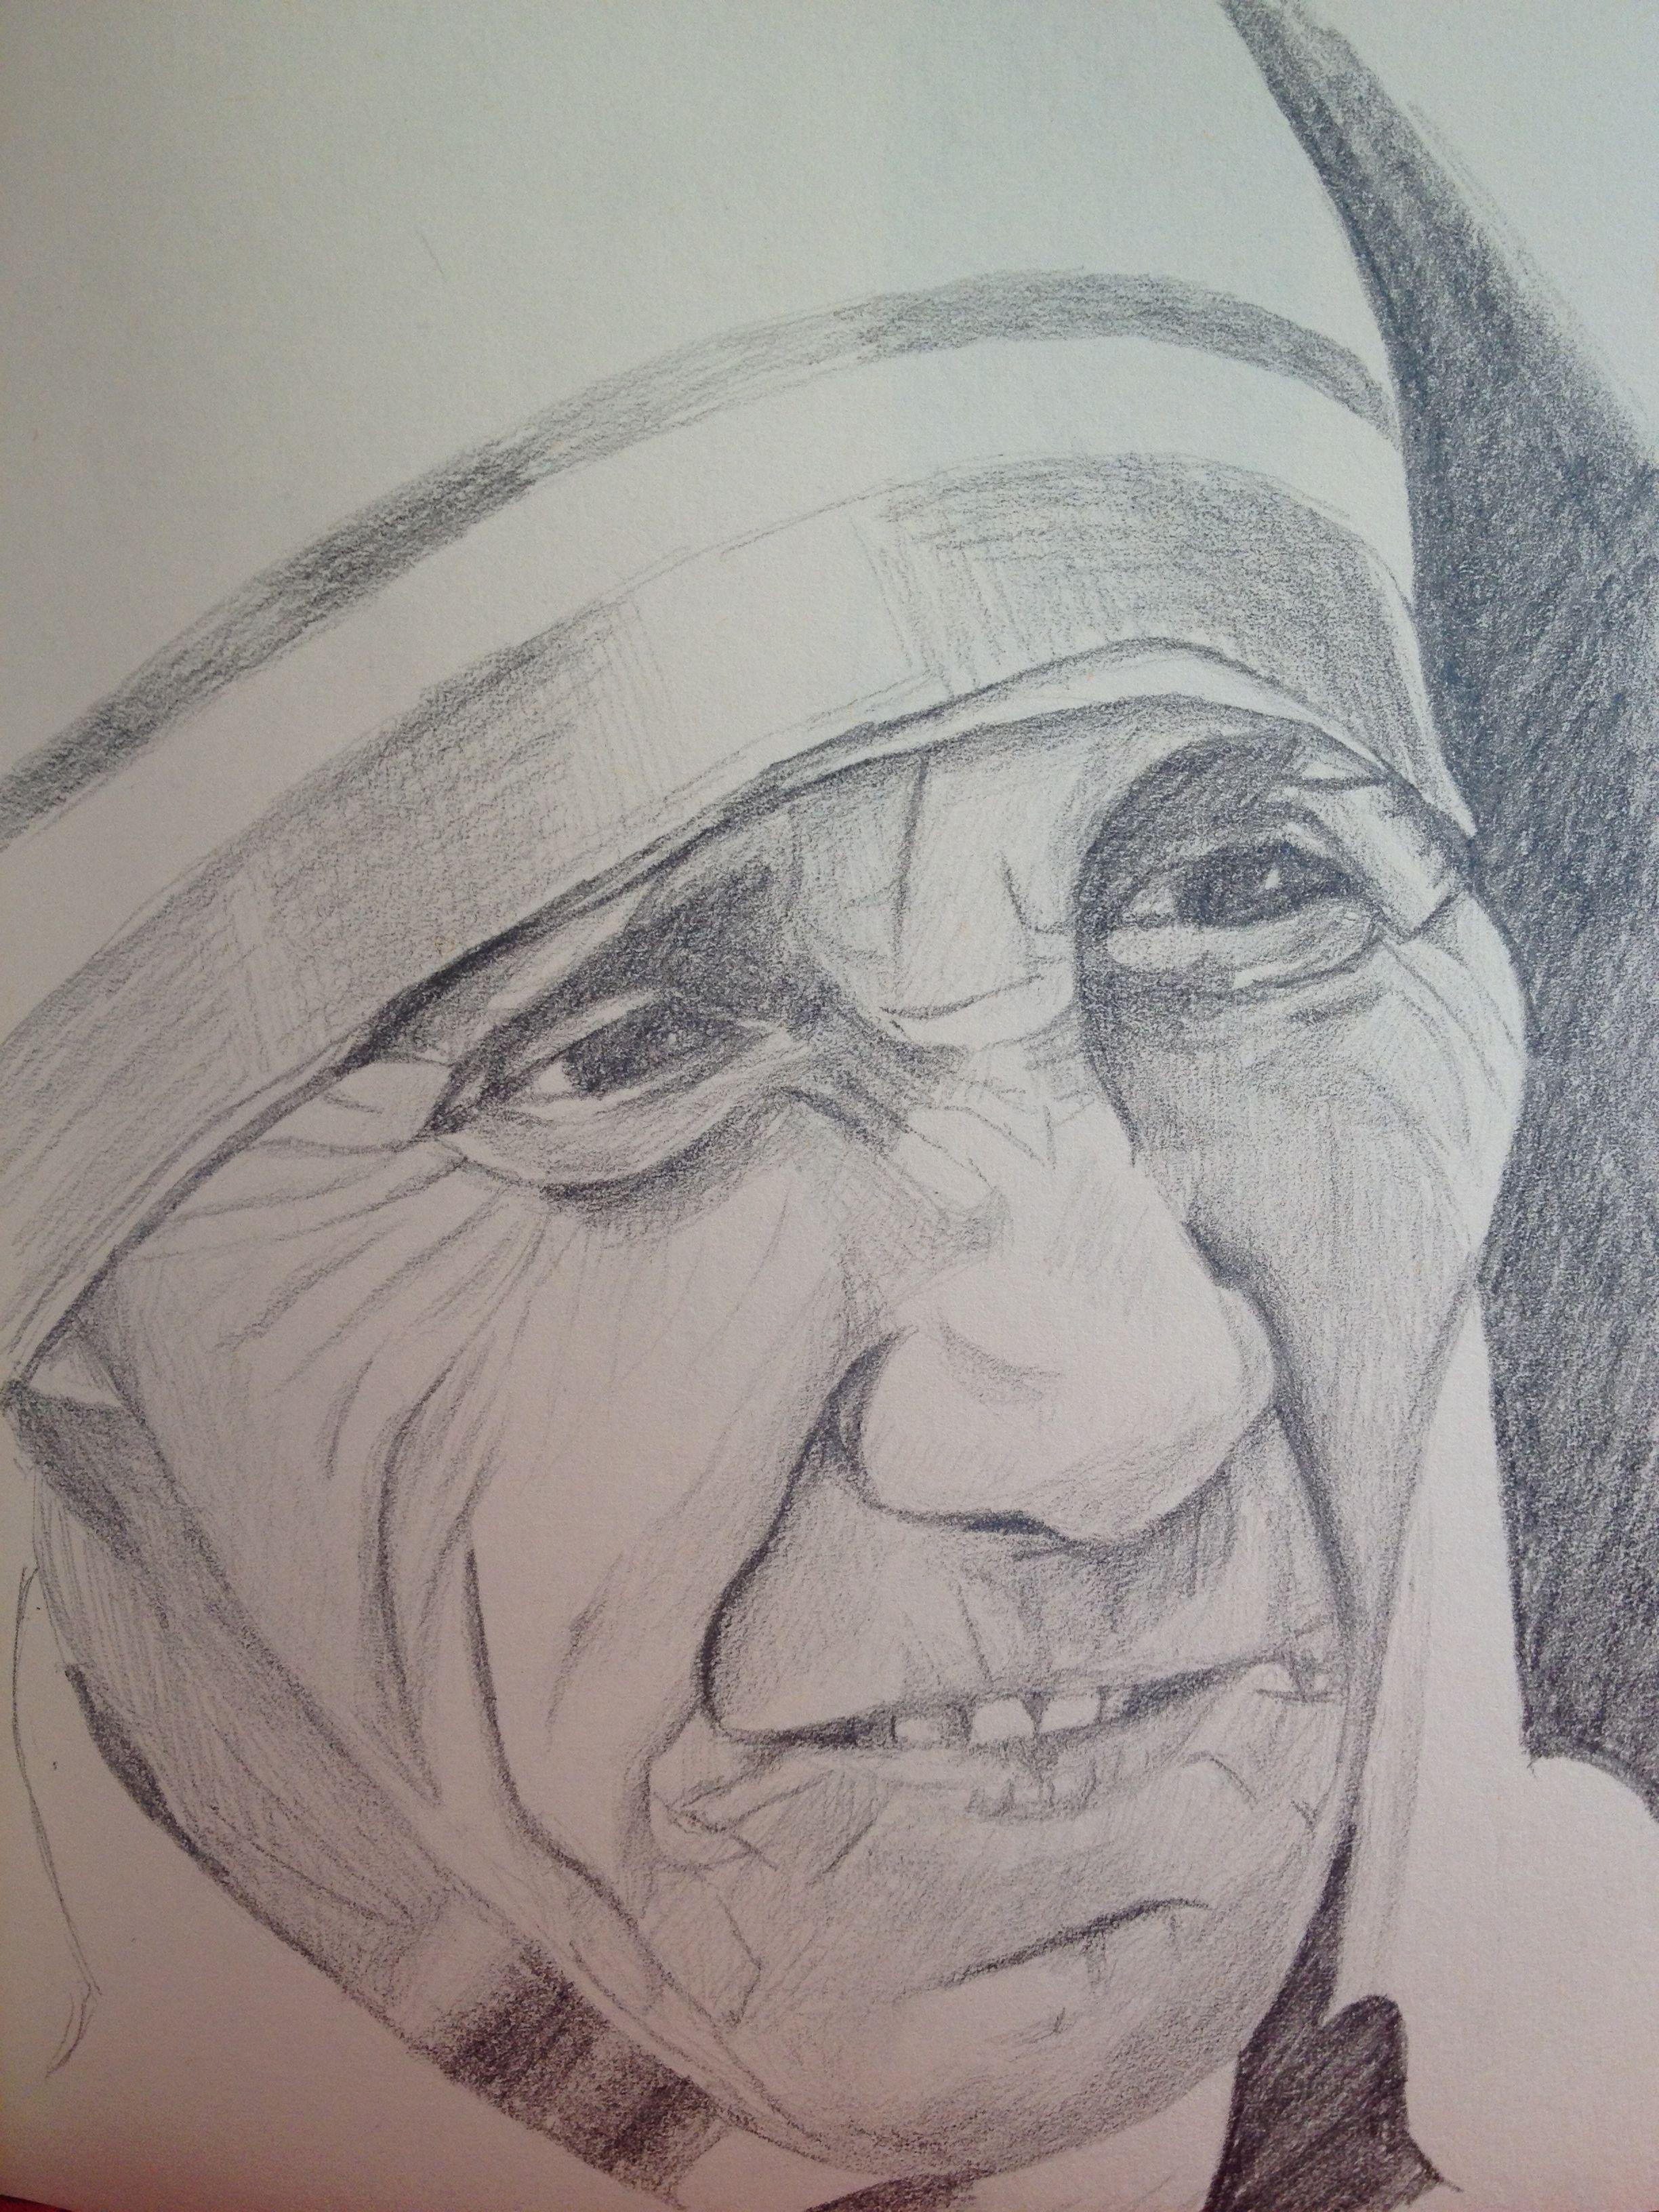 Pencil sketch mother teresa